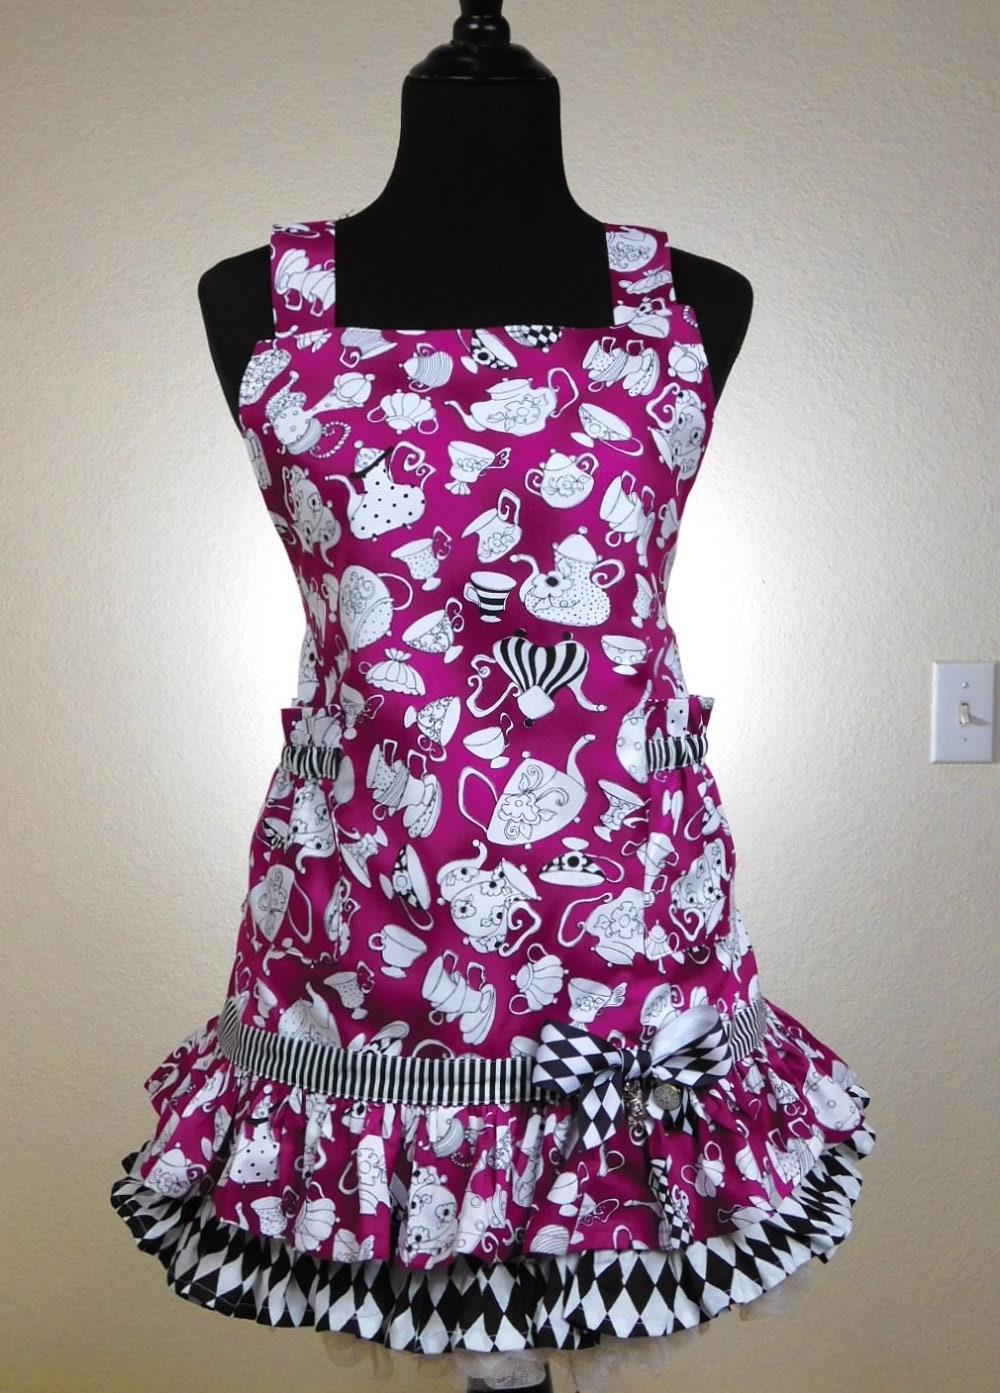 Dorable Mad Hatters Tea Party Ideas De Disfraces Ornamento - Vestido ...